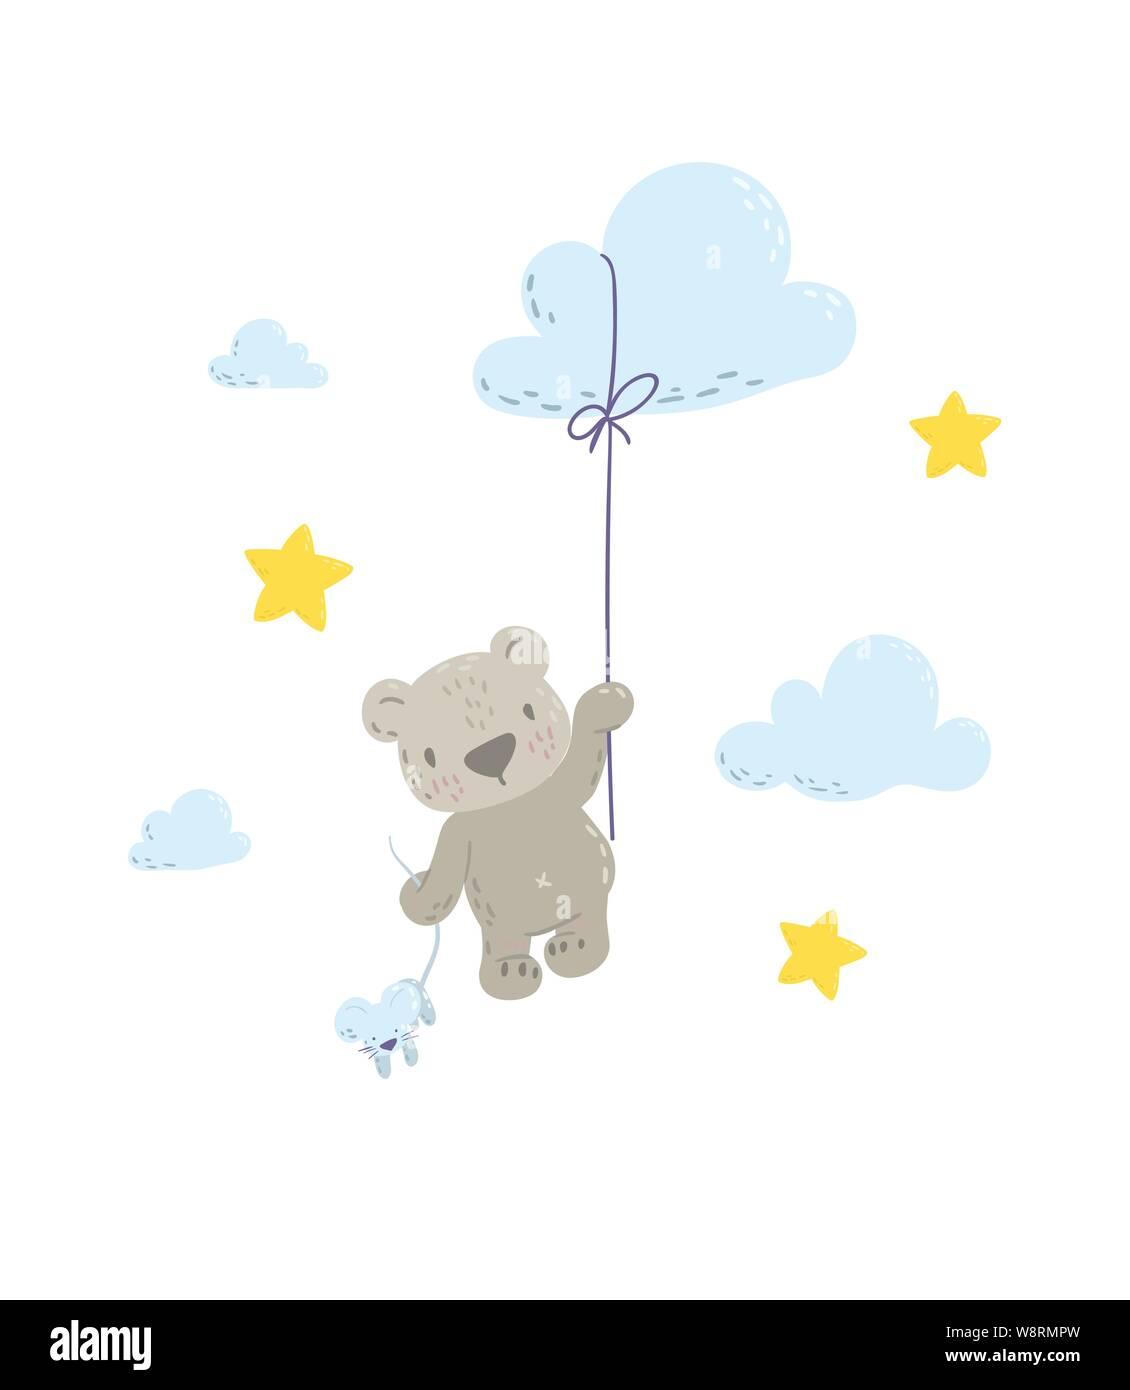 Lindo Oso Está Volando En Un Globo Nube Plana Caricatura